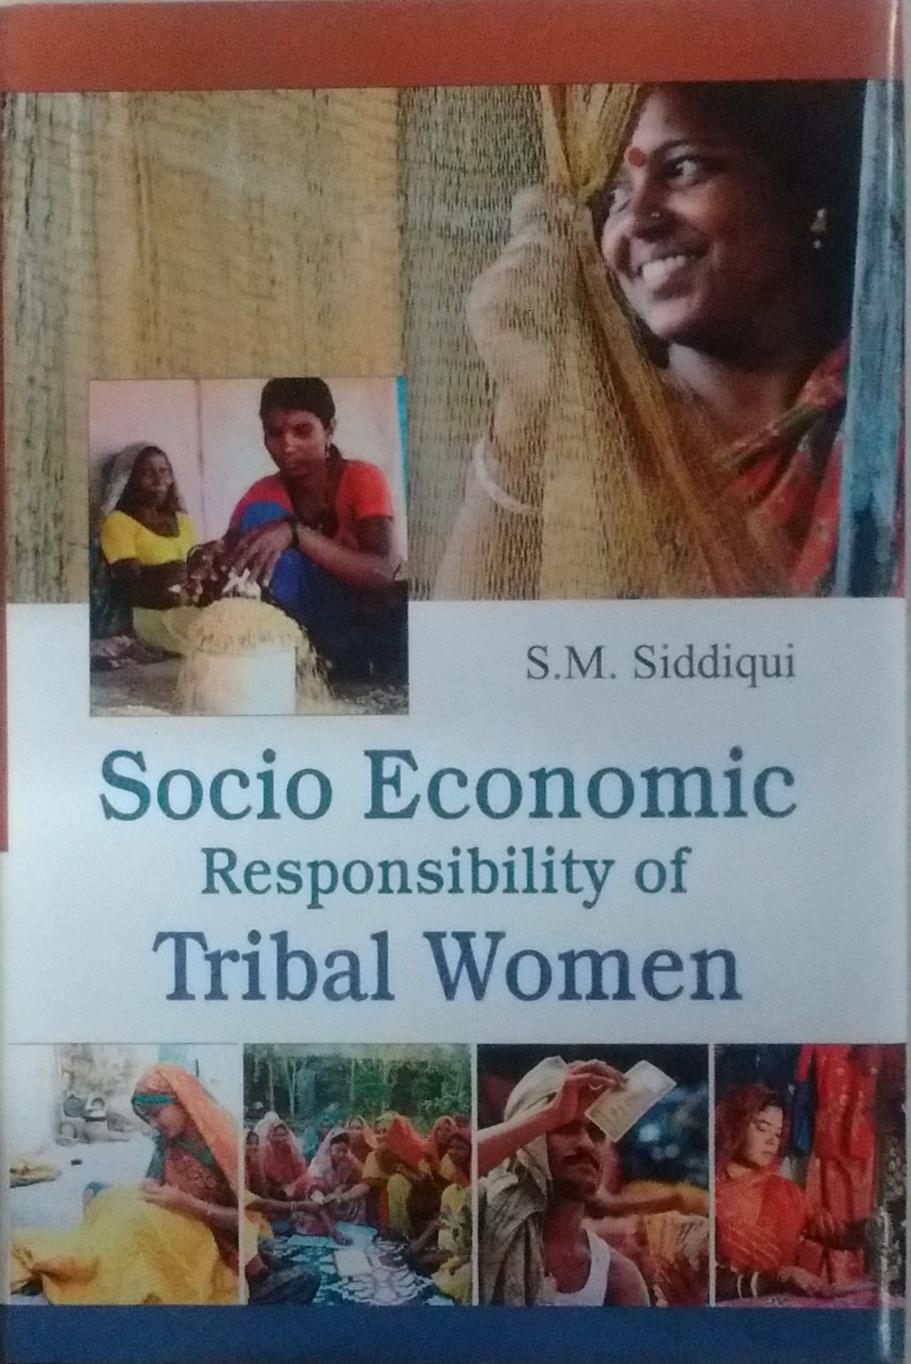 Socio Economic Responsibility of Tribal Women